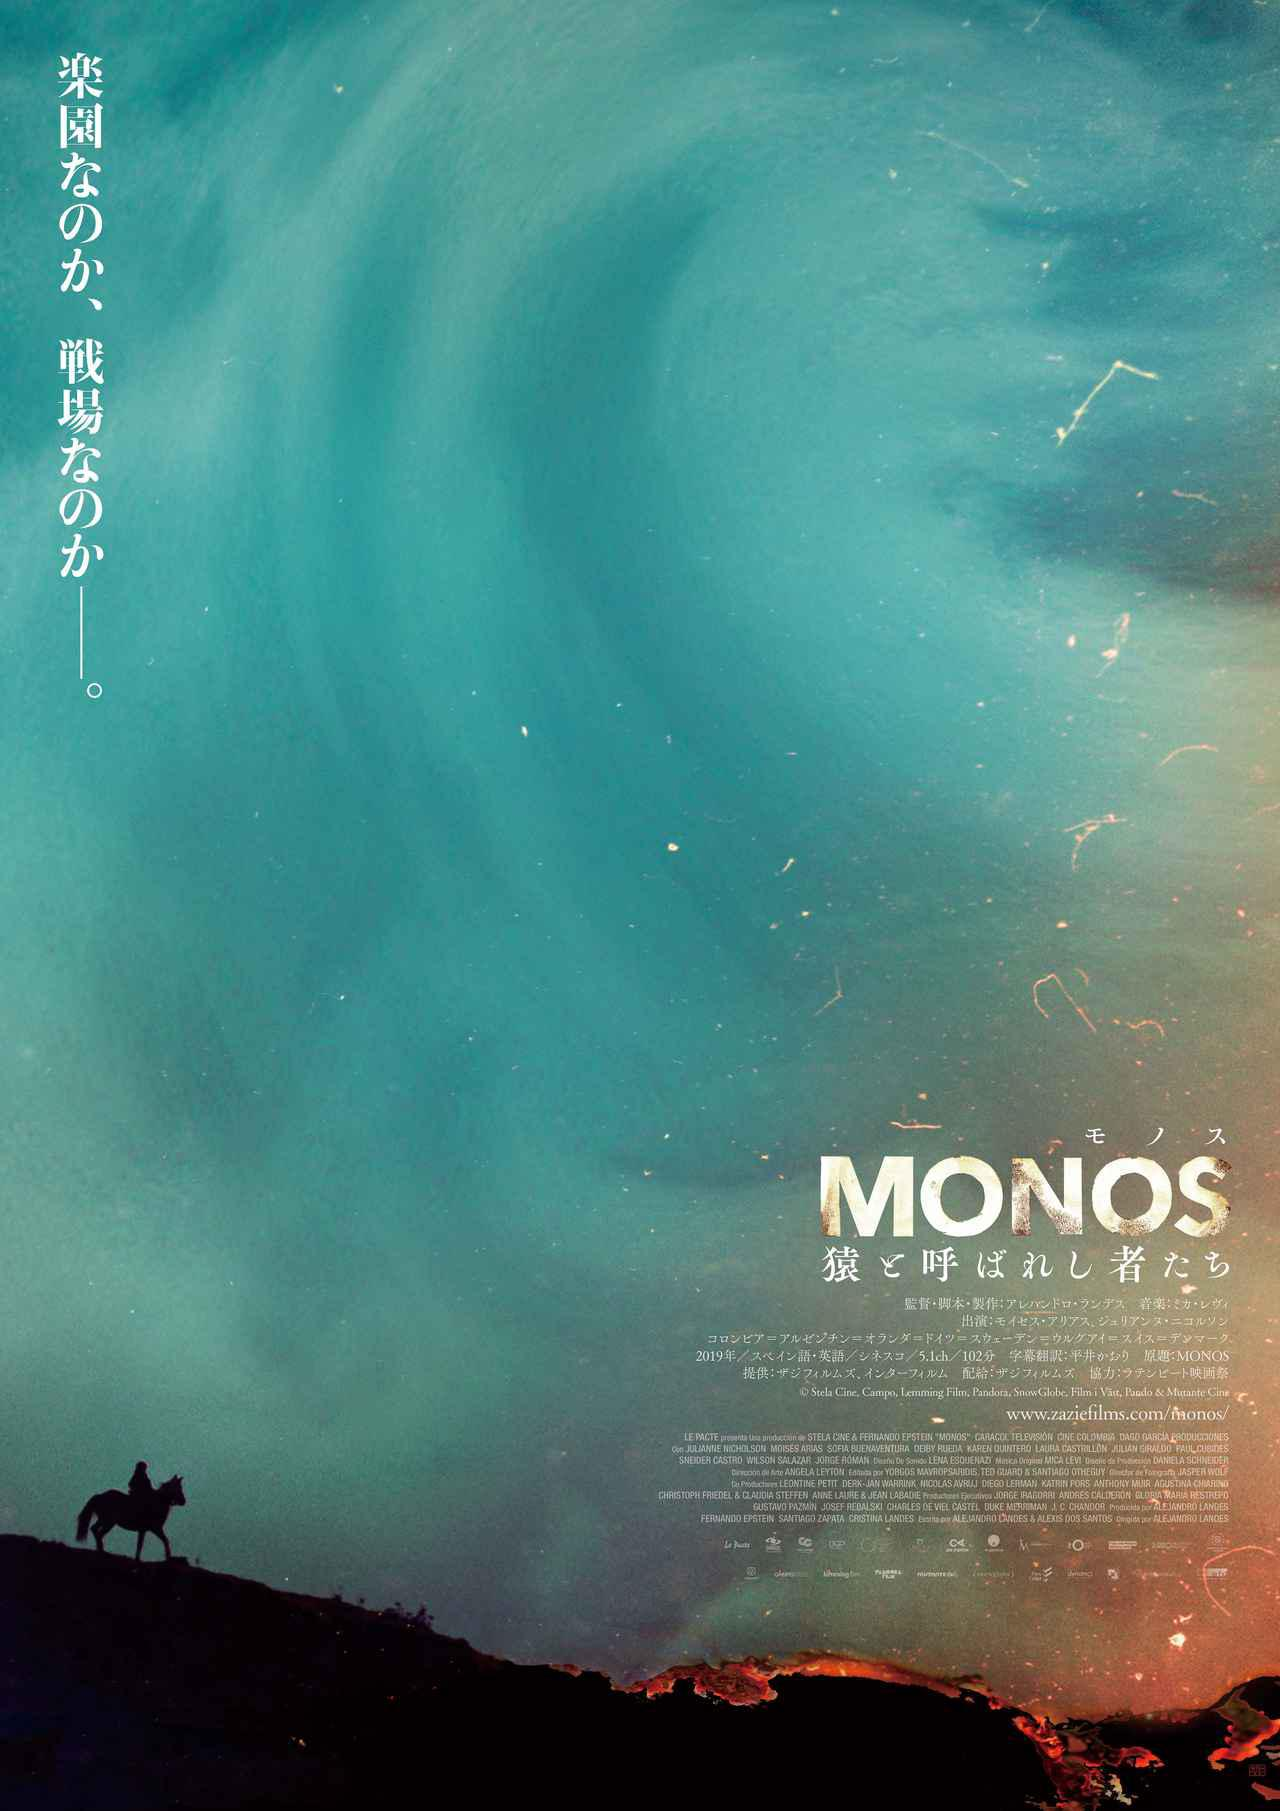 画像1: © Stela Cine, Campo, Lemming Film, Pandora, SnowGlobe, Film i Väst, Pando & Mutante Cine